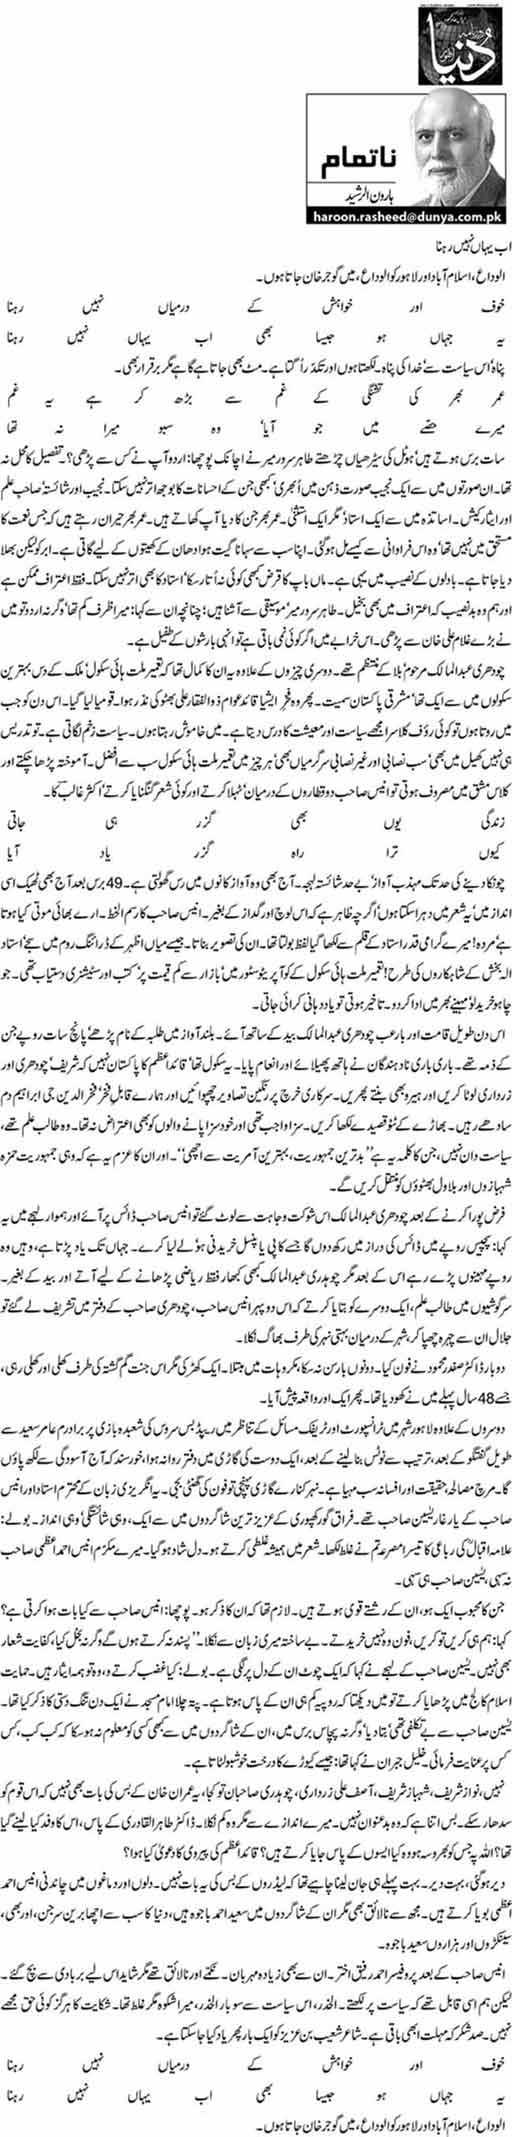 Ab yahan nahi rehna - Haroon-ur-Rasheed